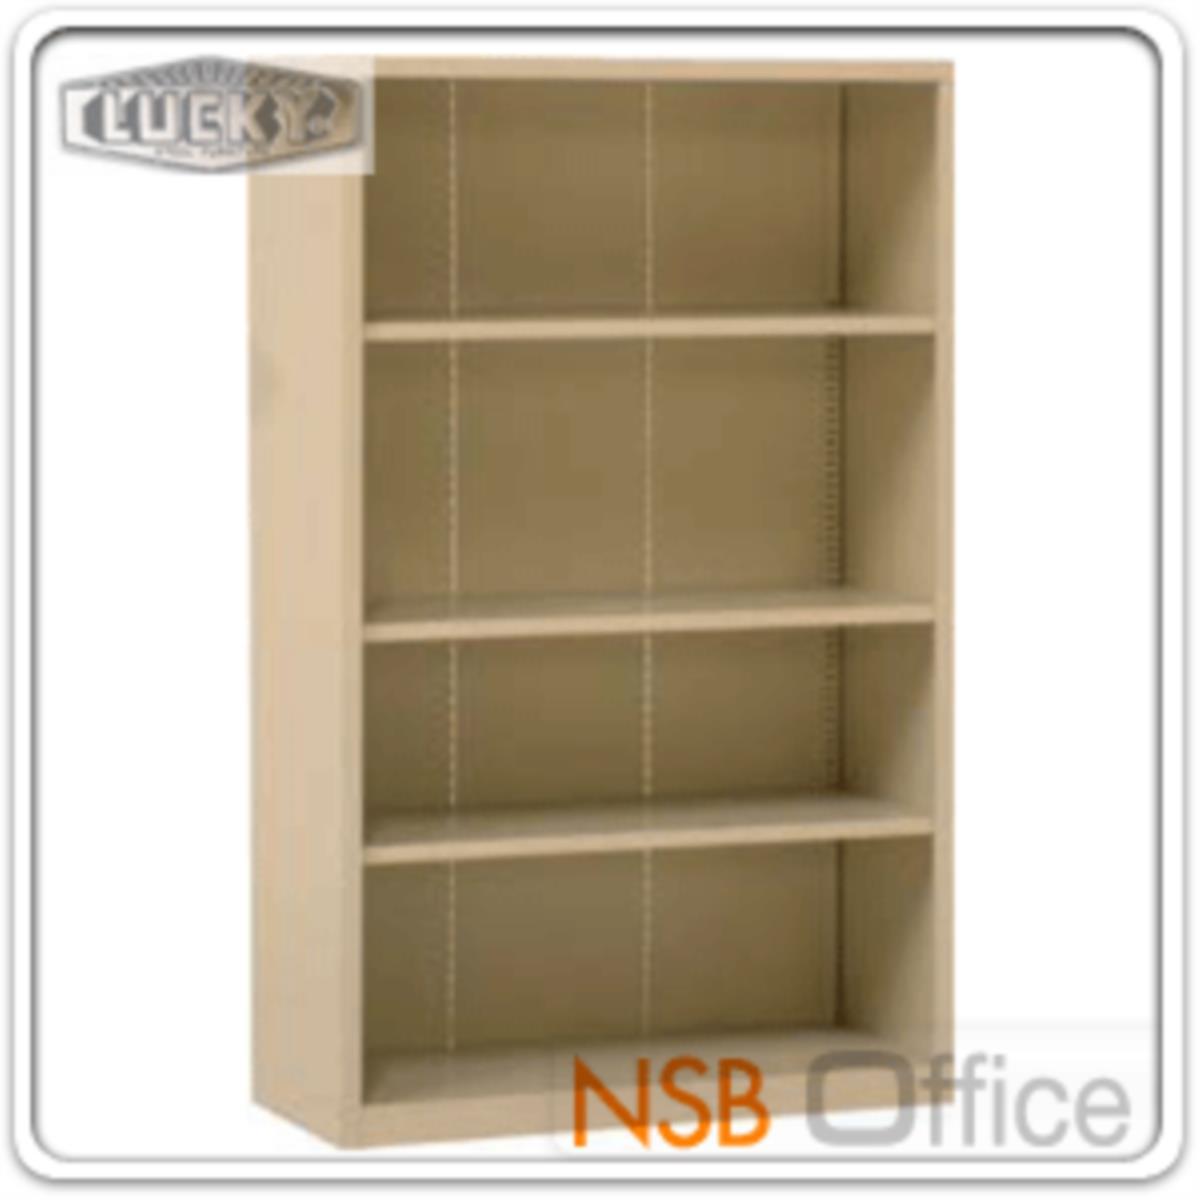 ตู้วางหนังสือ 4 ช่องโล่ง 76.2W*32D*121.9H cm. รุ่น LUCKY-SB-3048